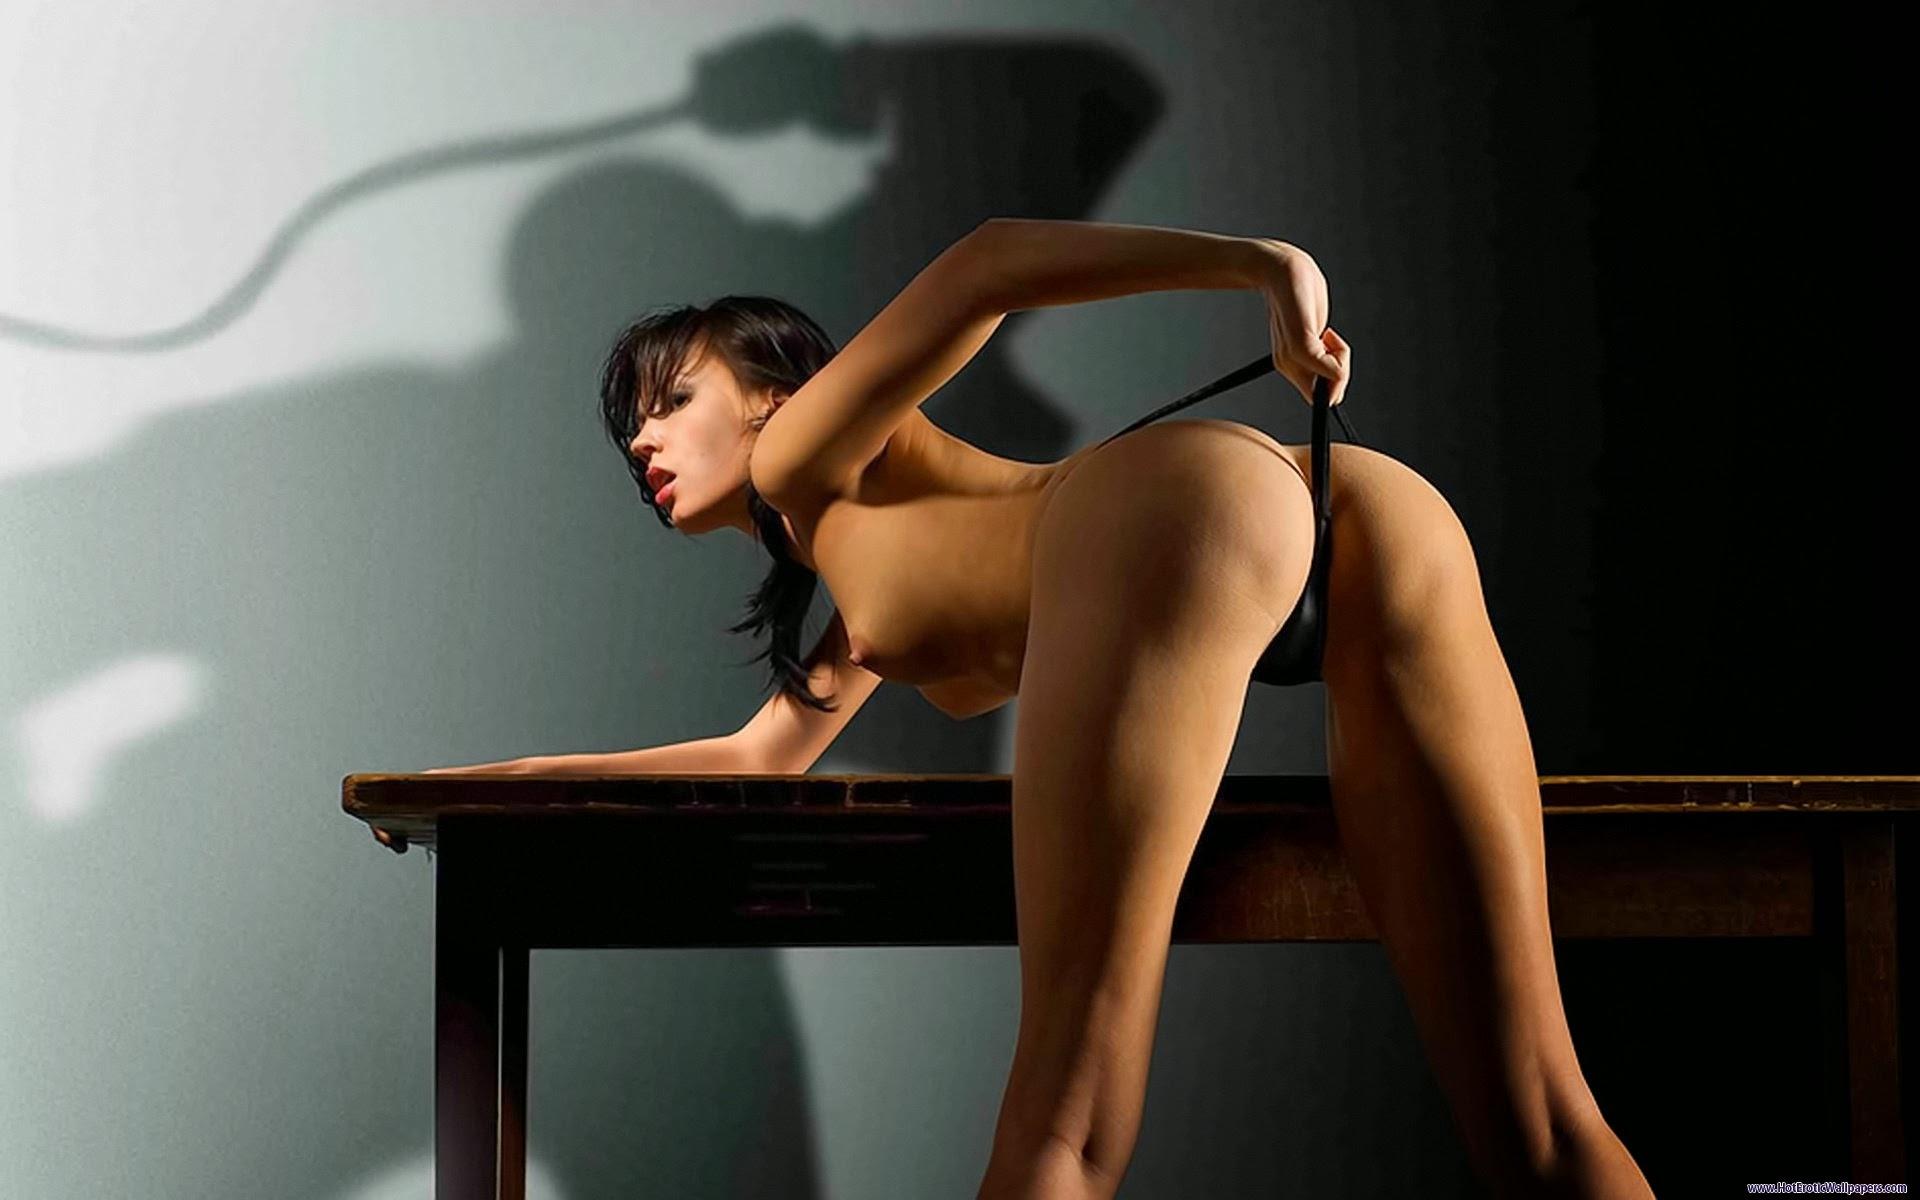 Walpapers porno efect hd 3d sex pics